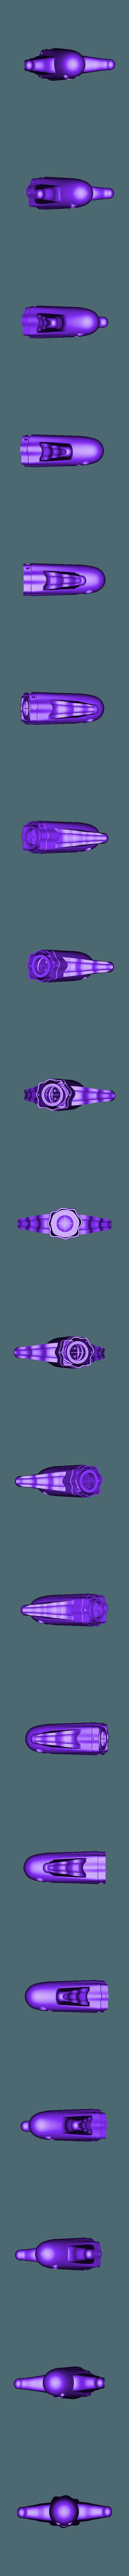 Wobbly_Ghost_-_Arms.stl Télécharger fichier STL gratuit Fantômes vacillants ! • Design à imprimer en 3D, Muzz64